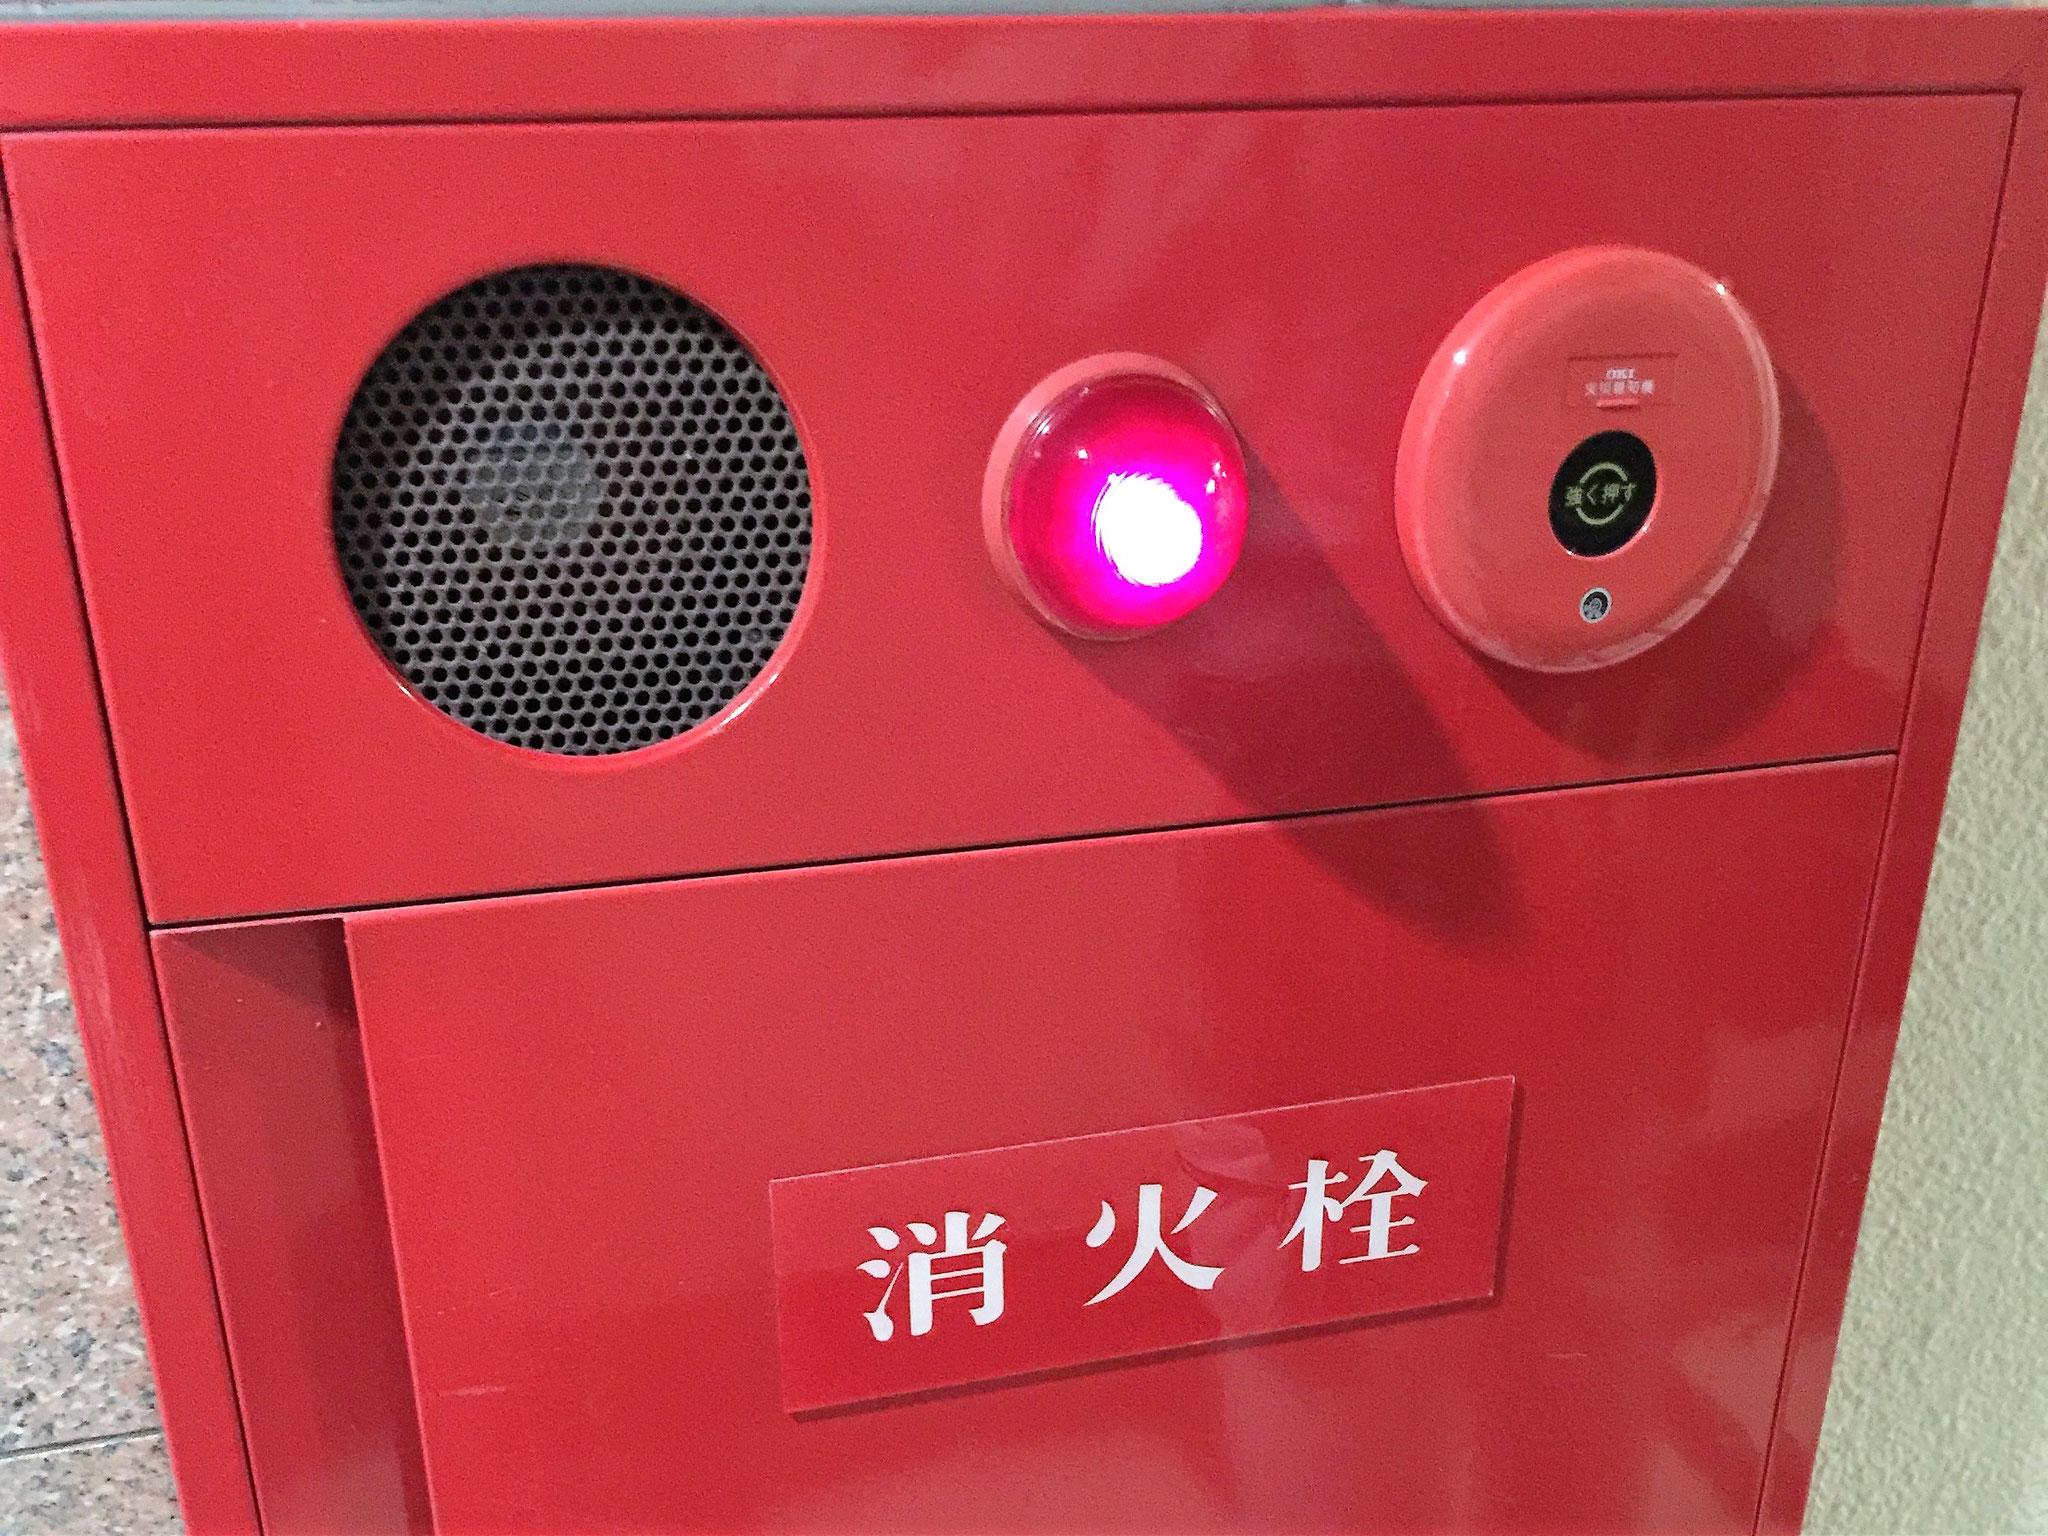 屋内・屋外消火栓の外観。